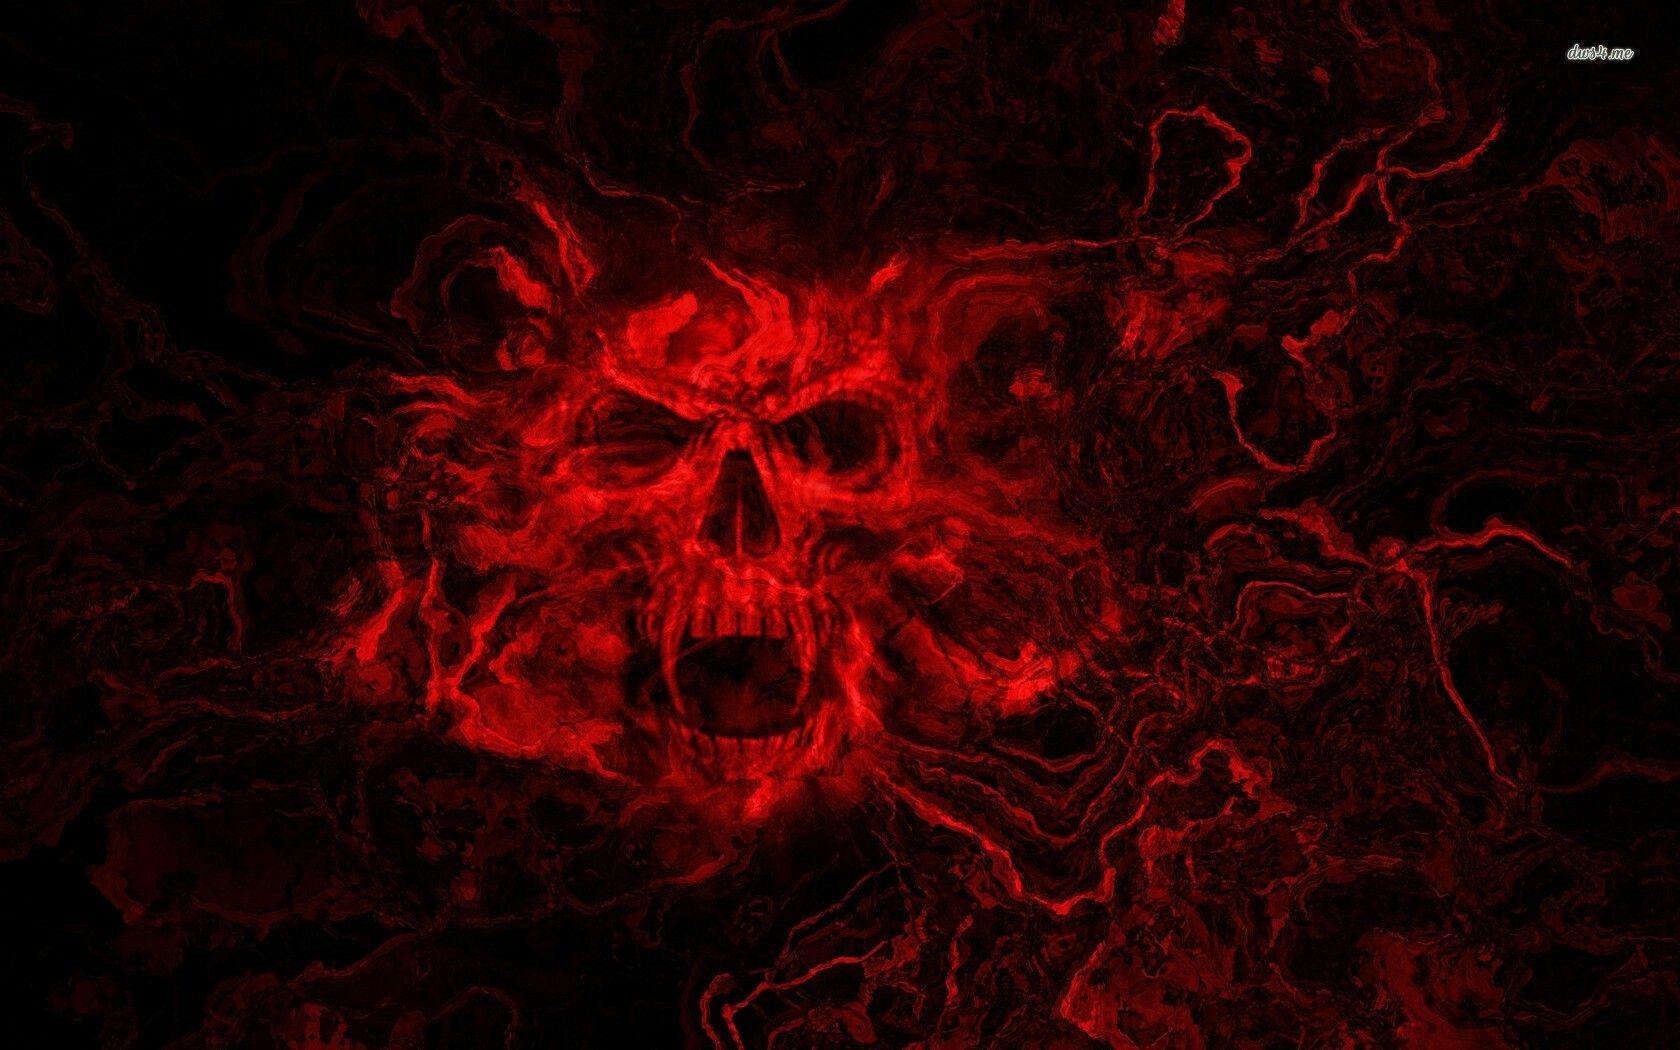 Black And Red Skull Wallpaper Black Skulls Wallpaper Skull